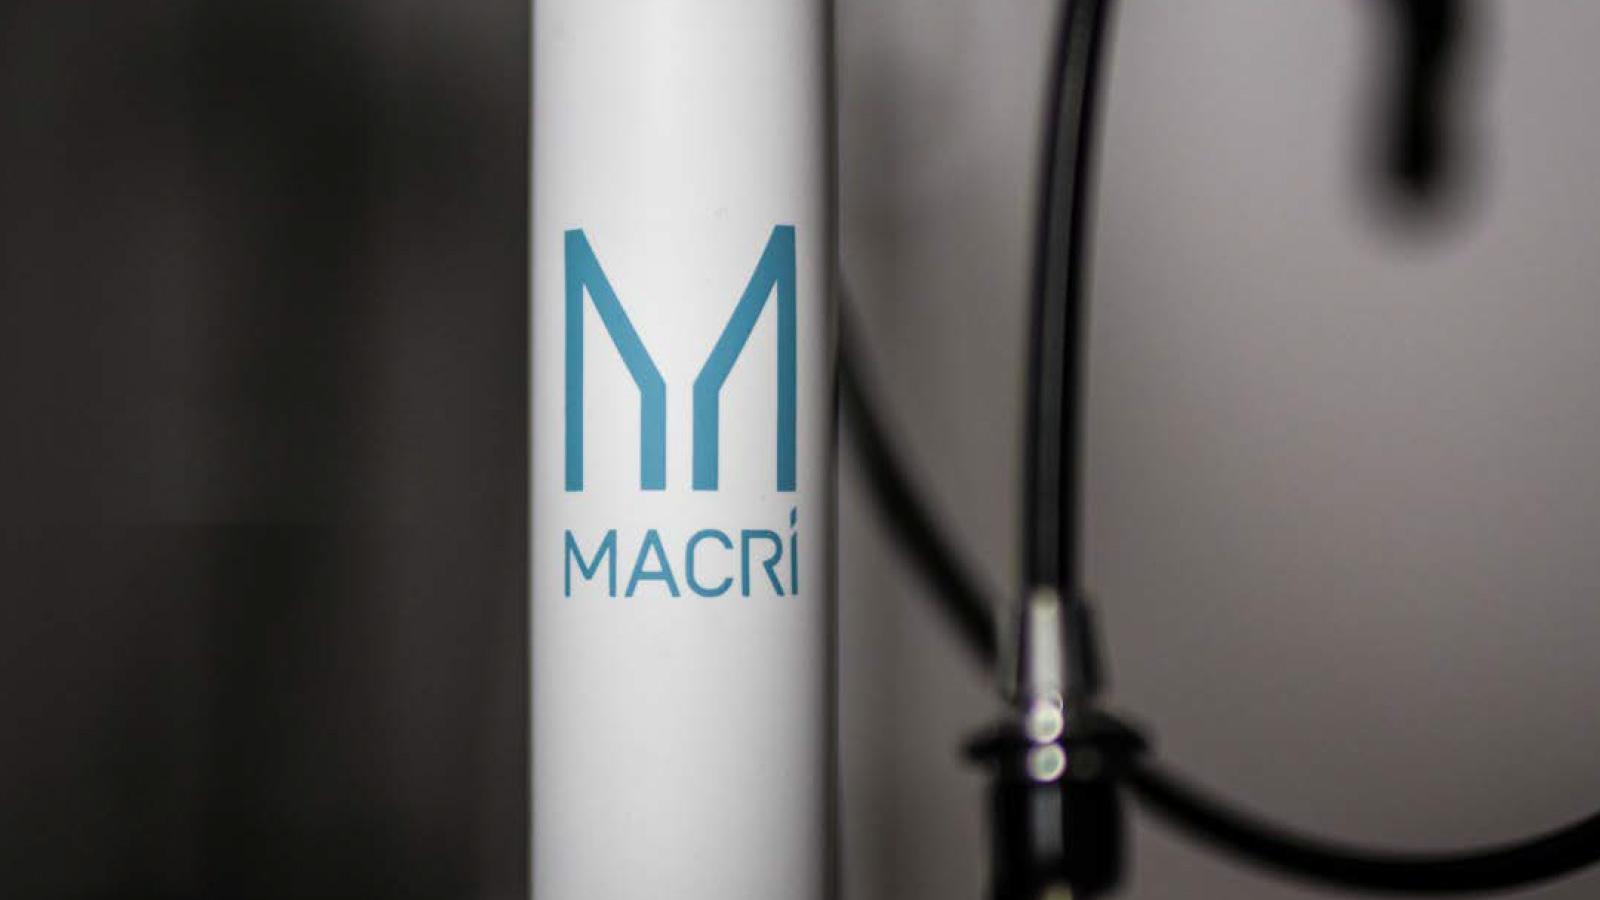 macri-bicicletta-muro-anteprima